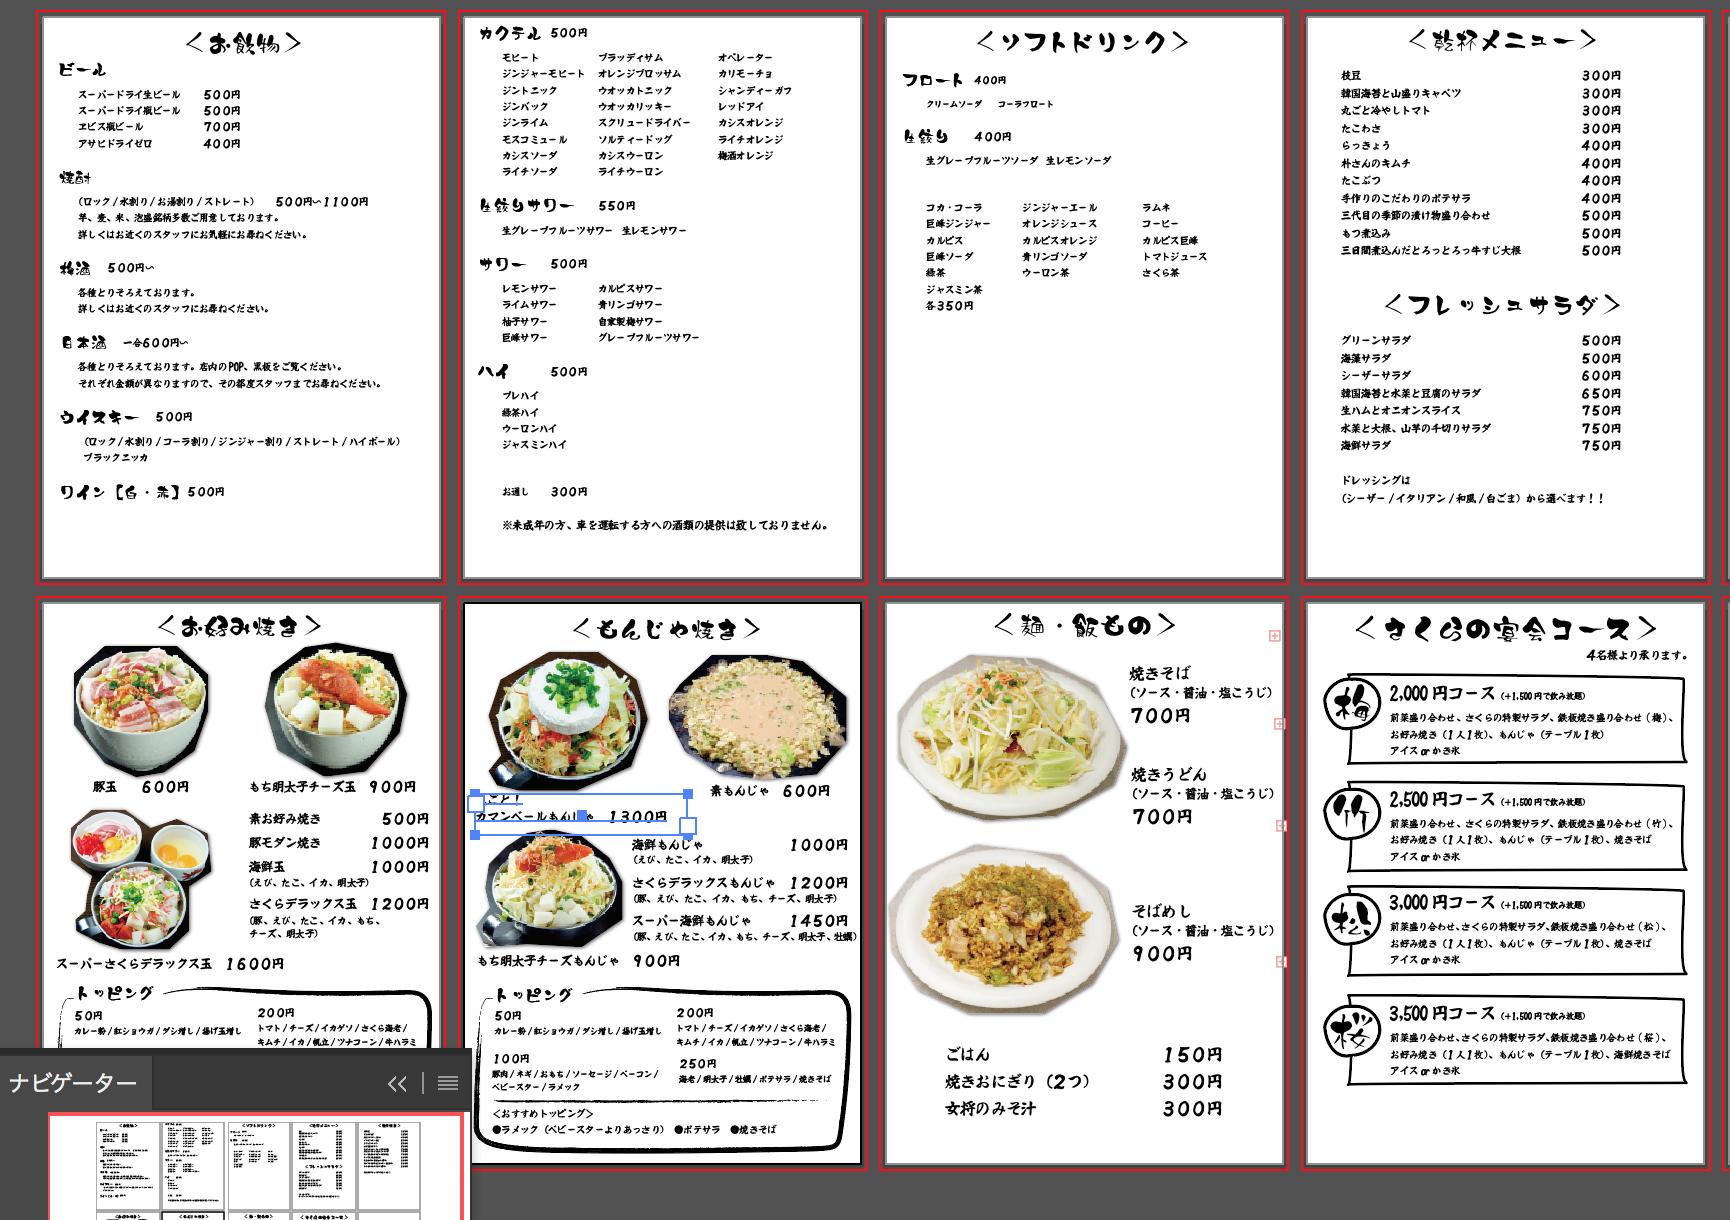 飲食店のメニューブック更新(飲食店・立川)